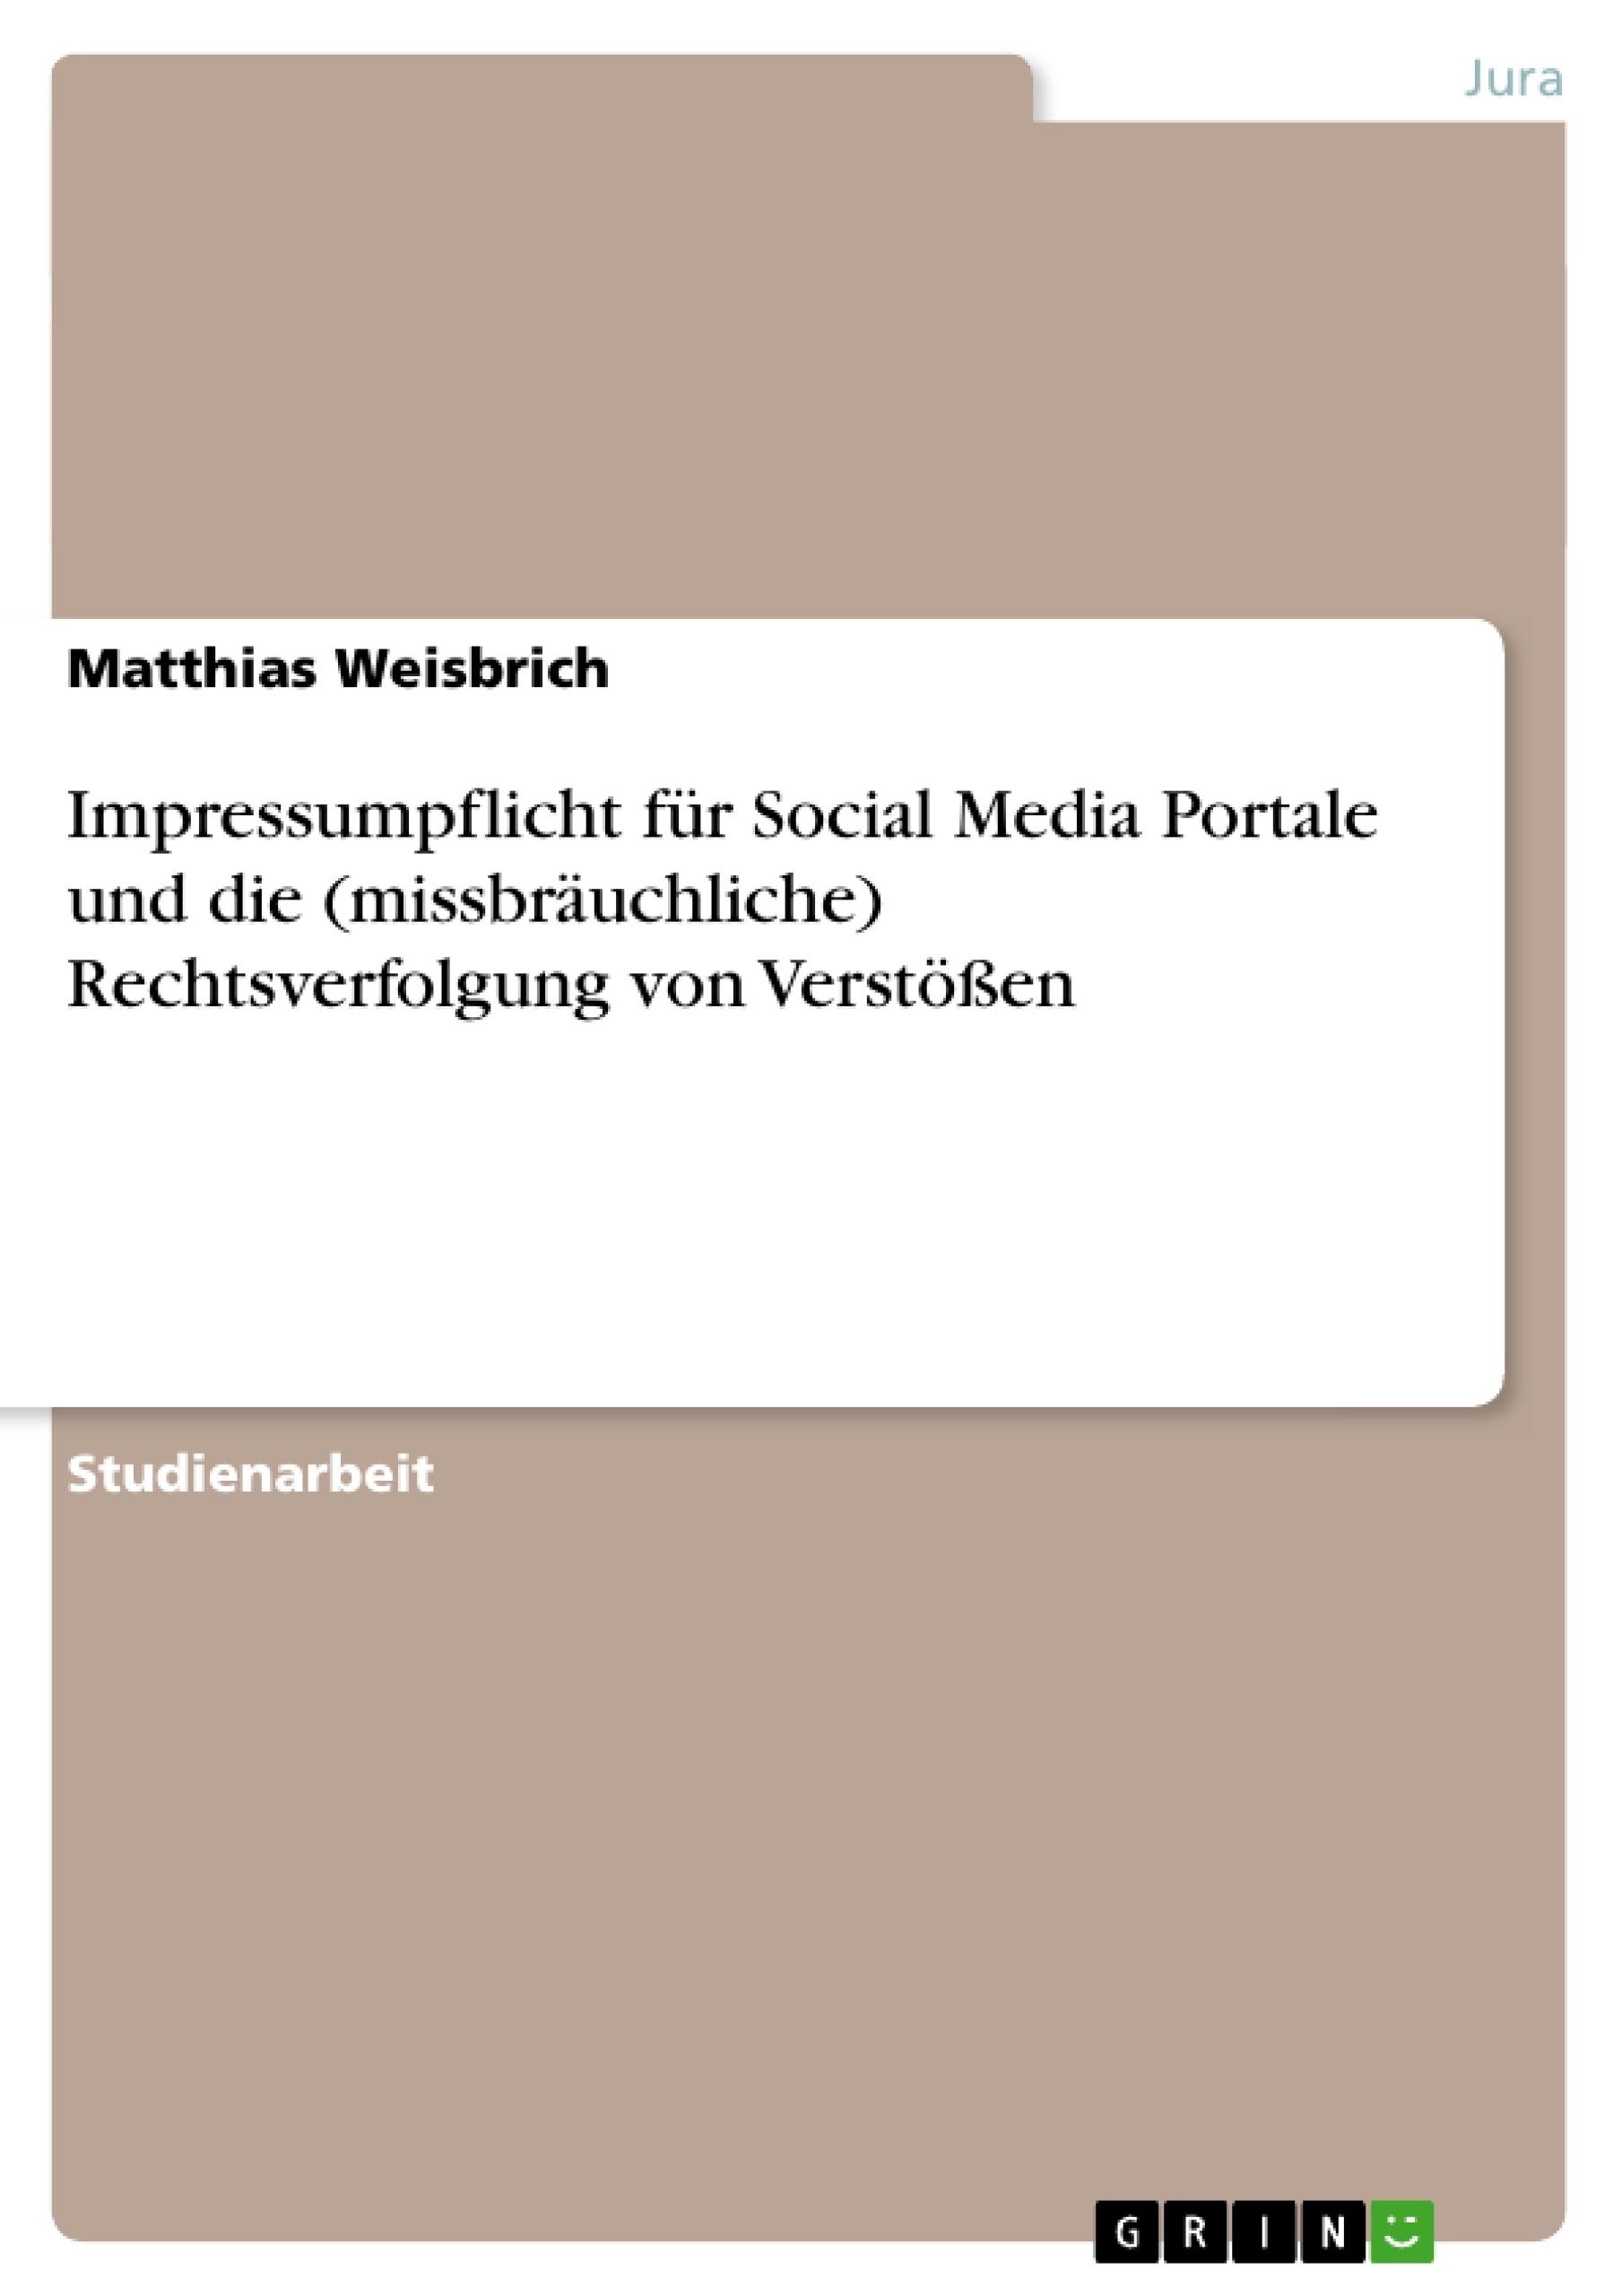 Titel: Impressumpflicht für Social Media Portale und die (missbräuchliche) Rechtsverfolgung von Verstößen